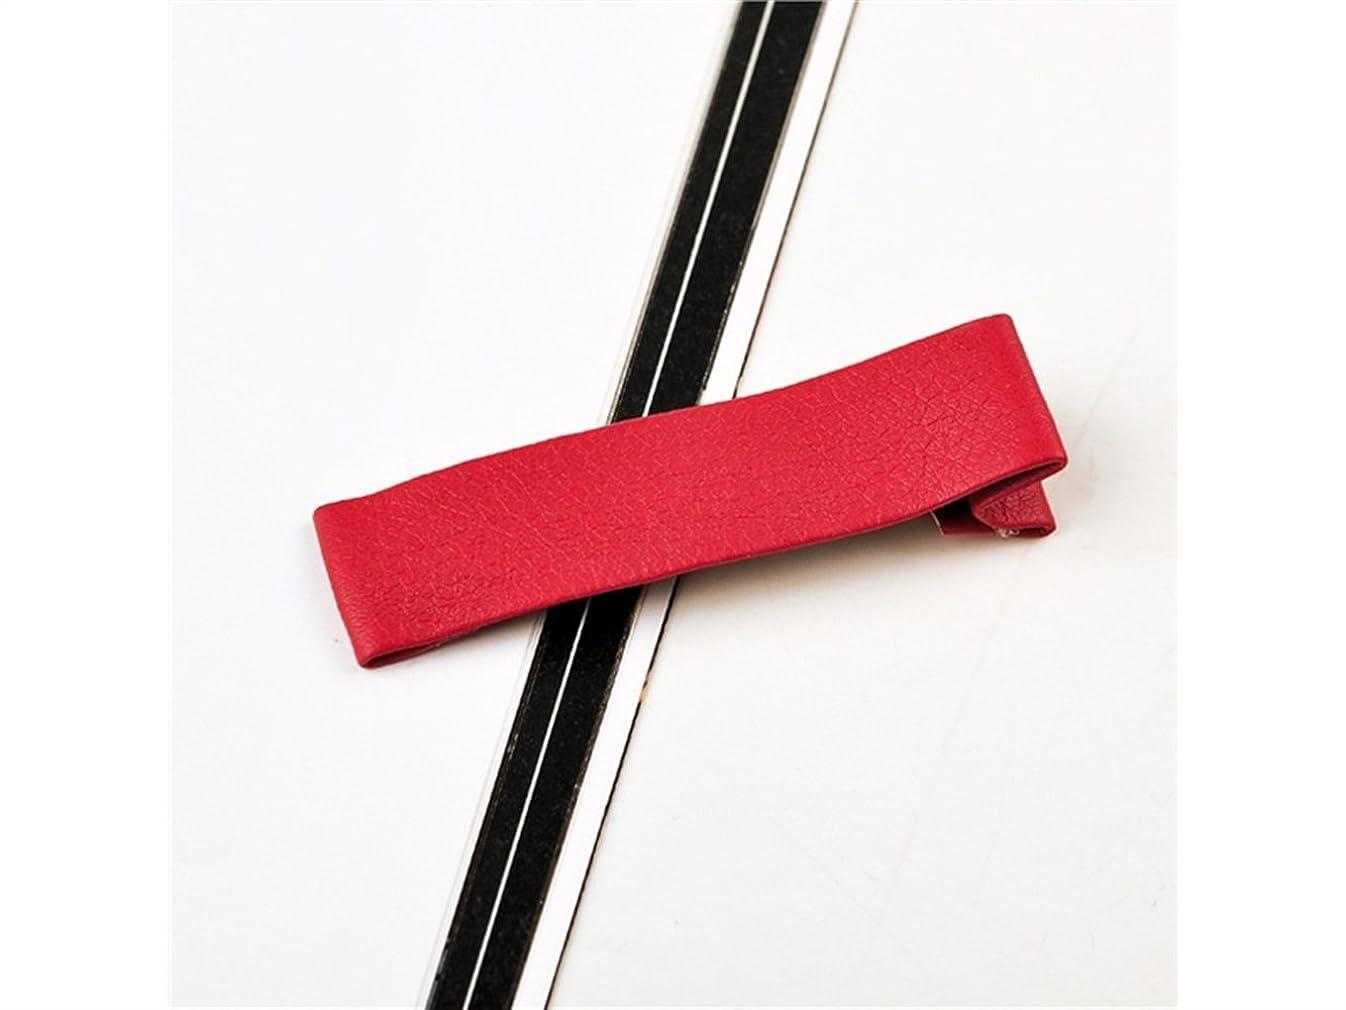 シーボード動脈スリンクOsize 美しいスタイル シンプルな純粋な色のレザークリップは、ヘアピンダックビルクリップアクセサリー女性の女の子(赤)